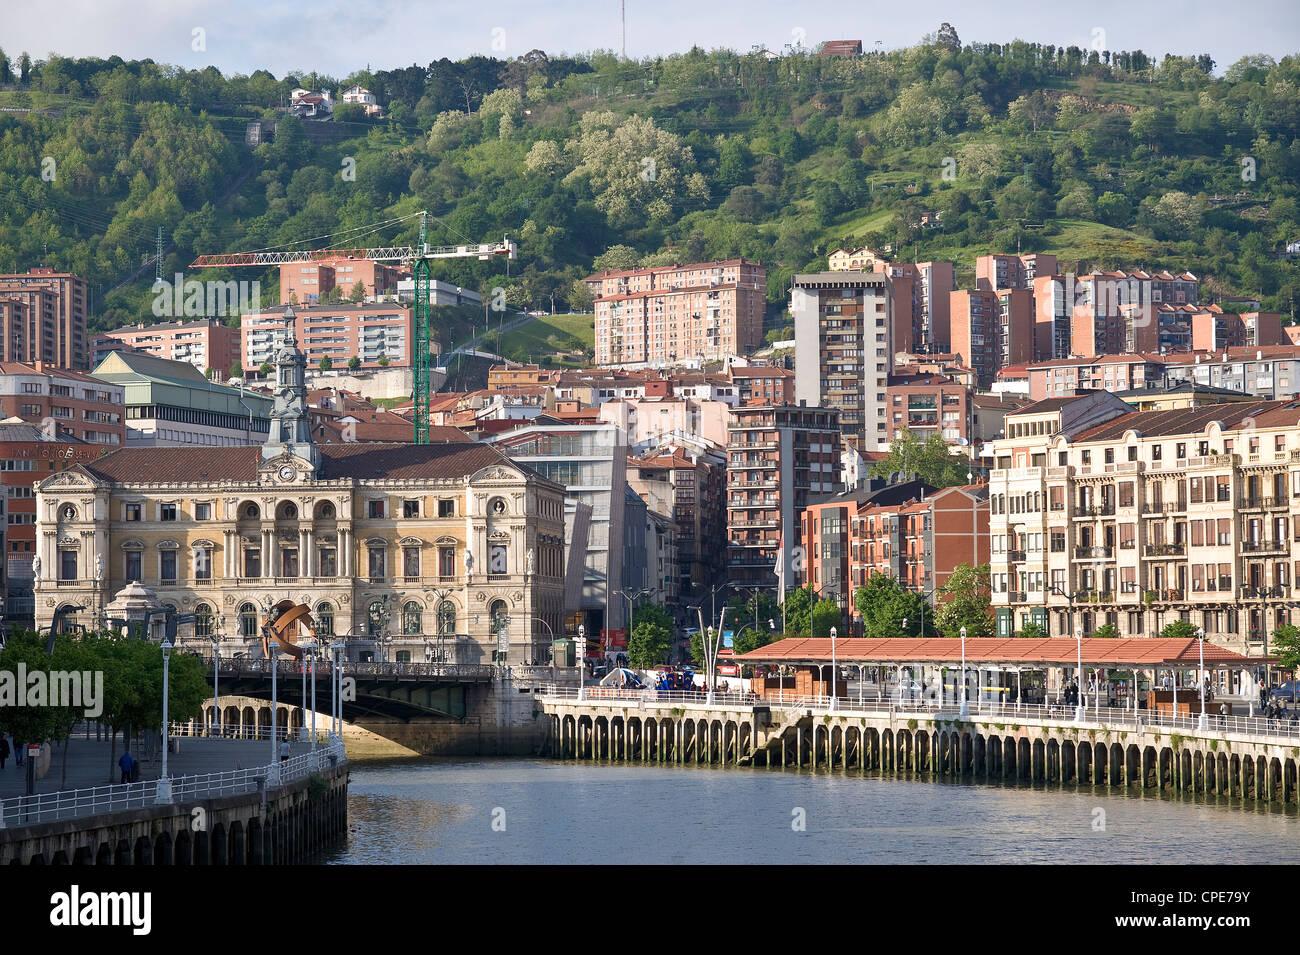 Bilbao, Euskal Herria, Euskadi, Spain, Europe - Stock Image